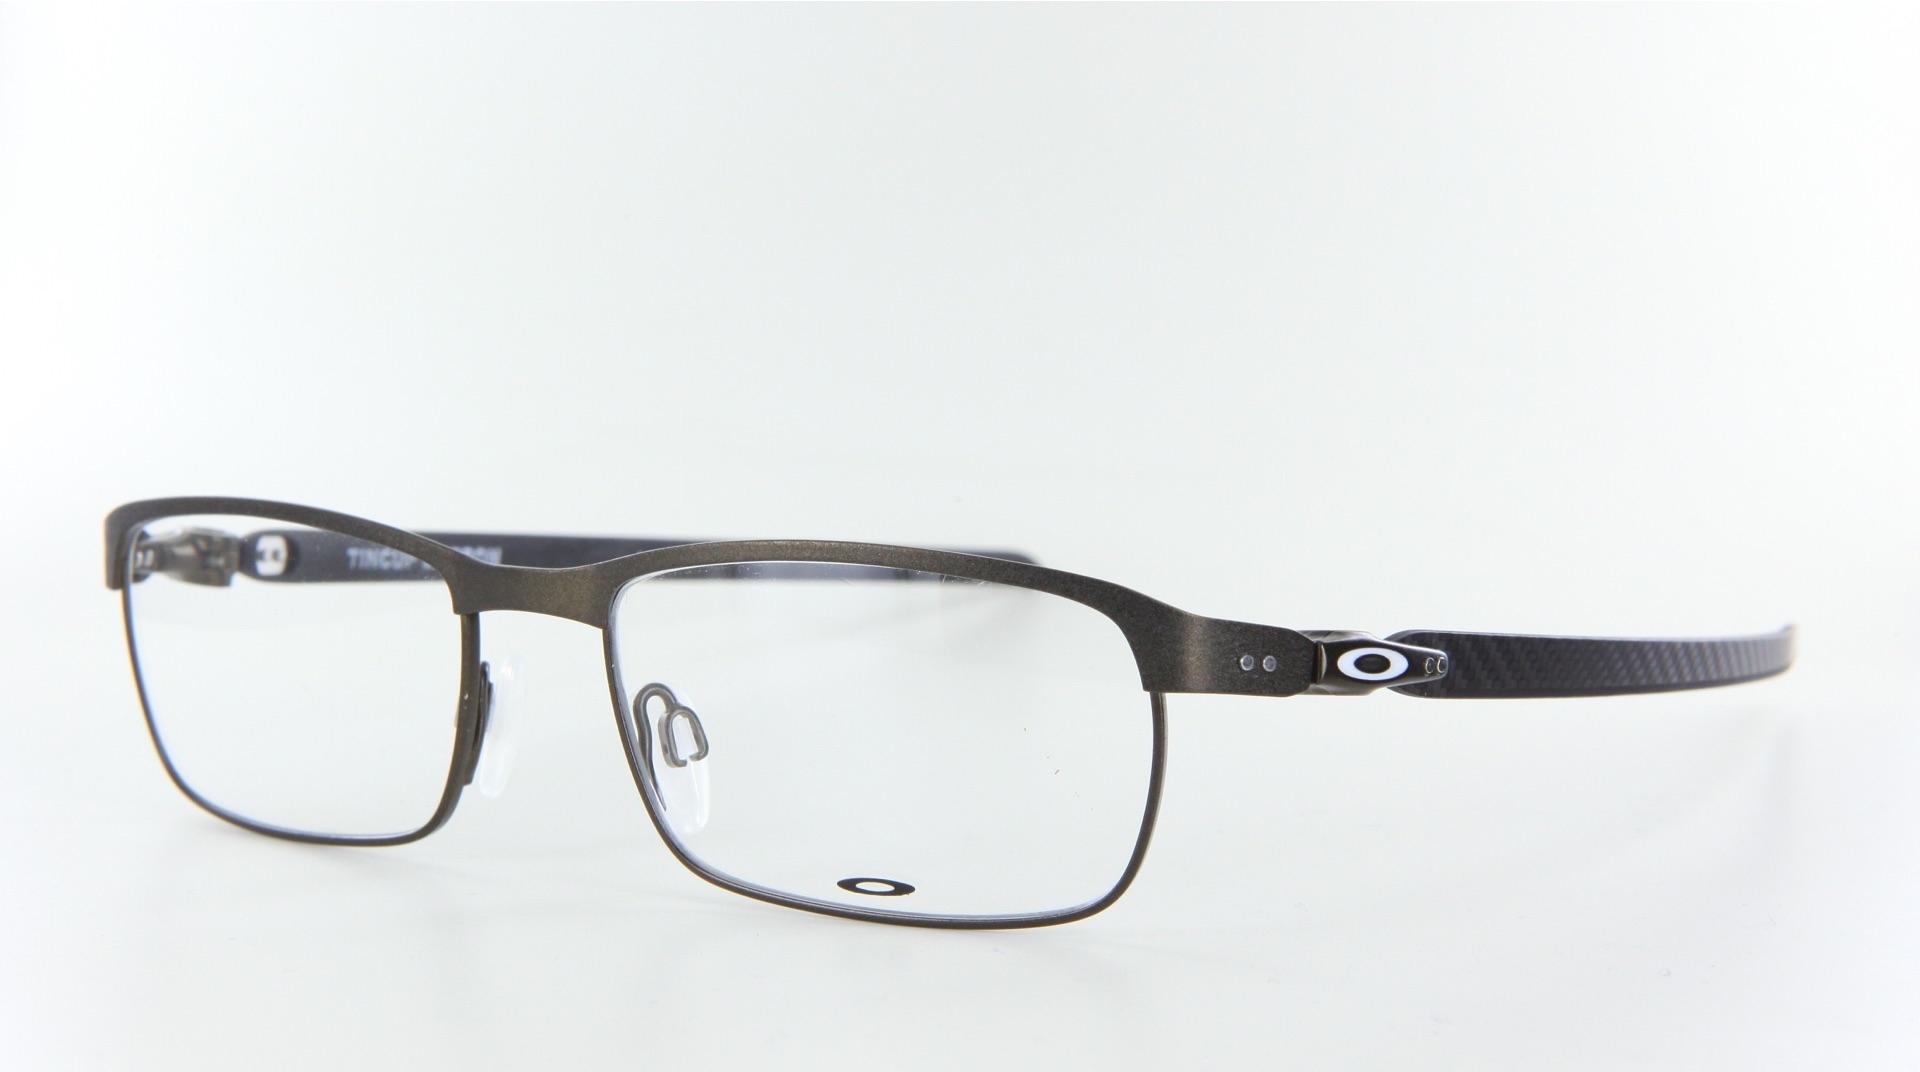 Oakley - ref: 71977